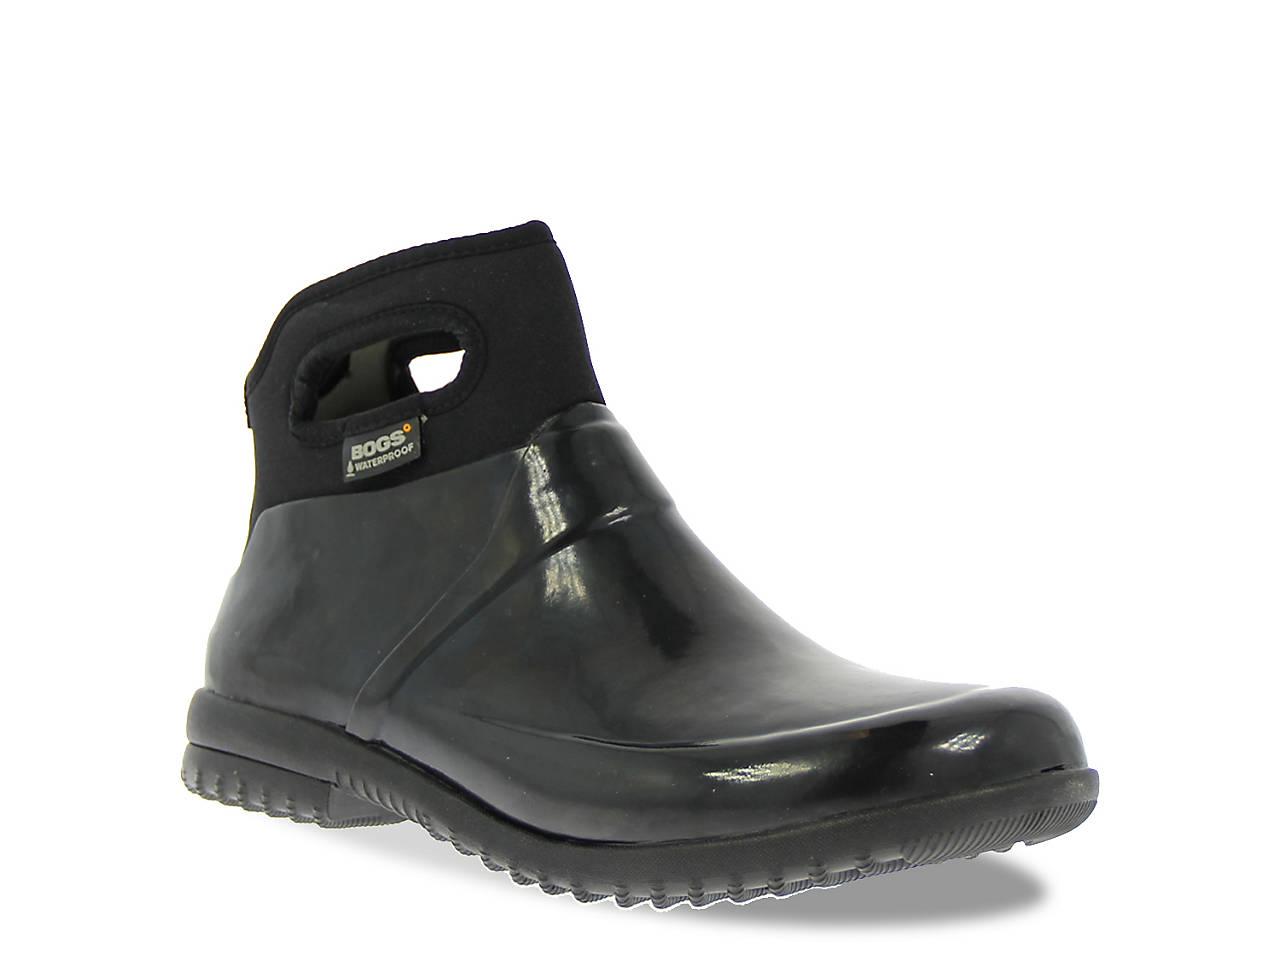 a98d562c6a0 Bogs Seattle Rain Boot Women's Shoes | DSW